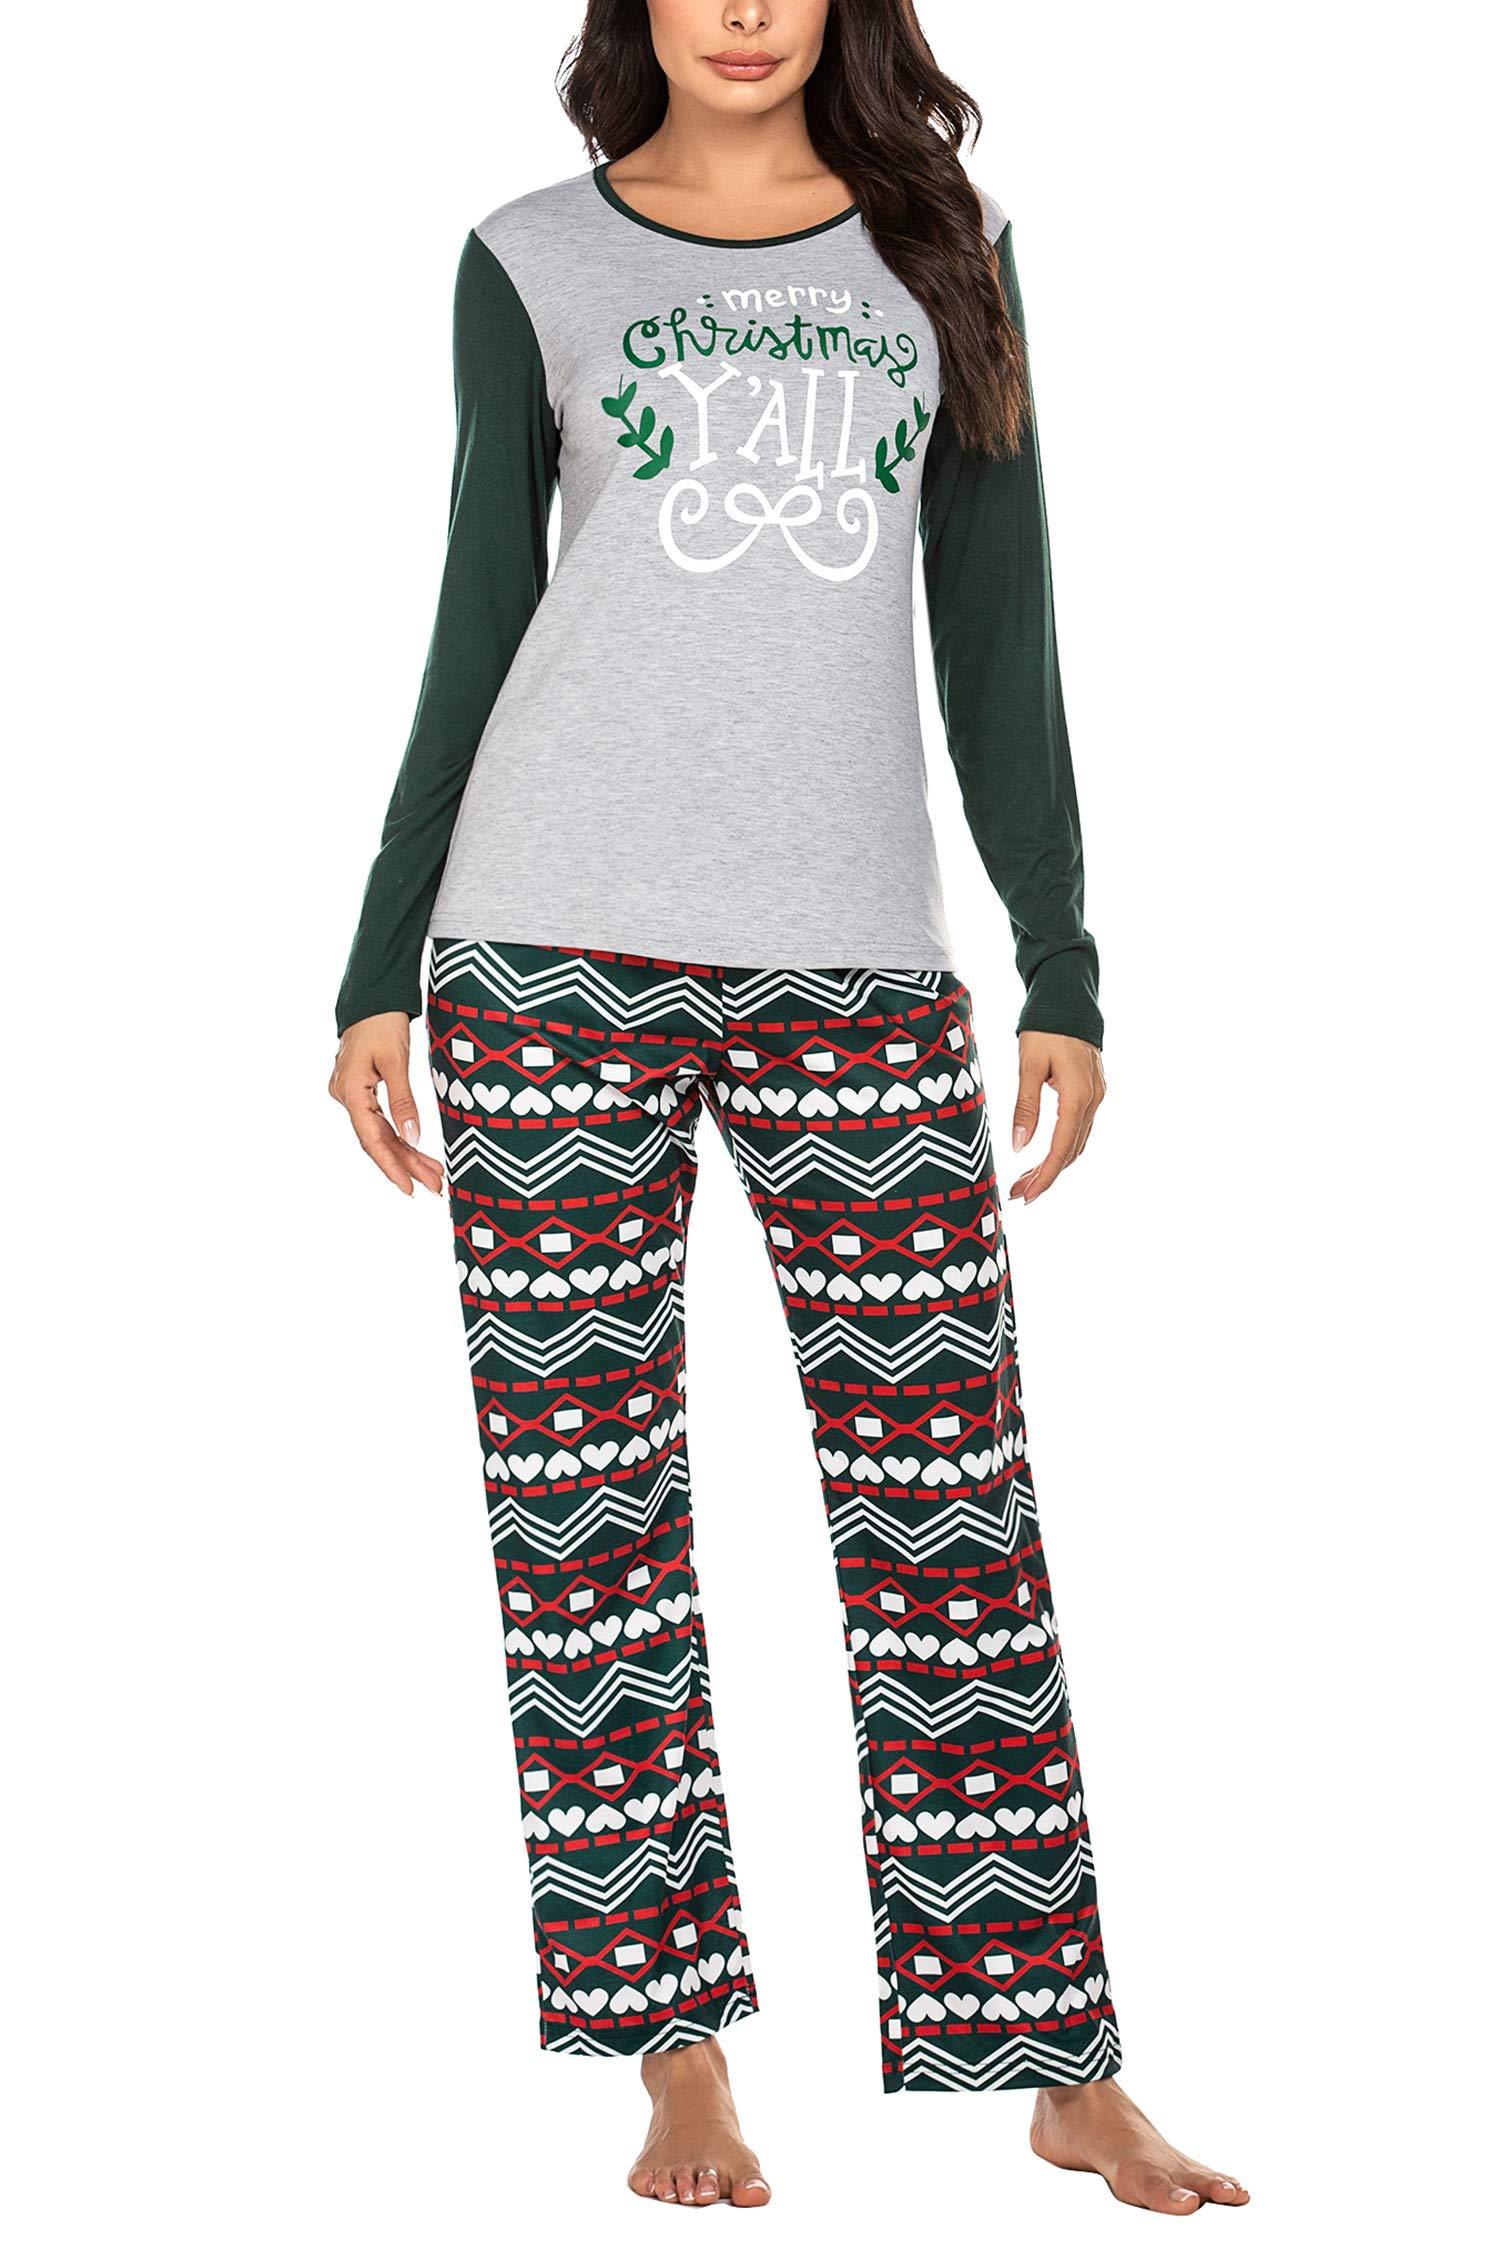 Ekouaer Pajamas for Women Christmas Pajamas Womens Pj Set Long Sleeve Top and Pants Pajama S-XXL